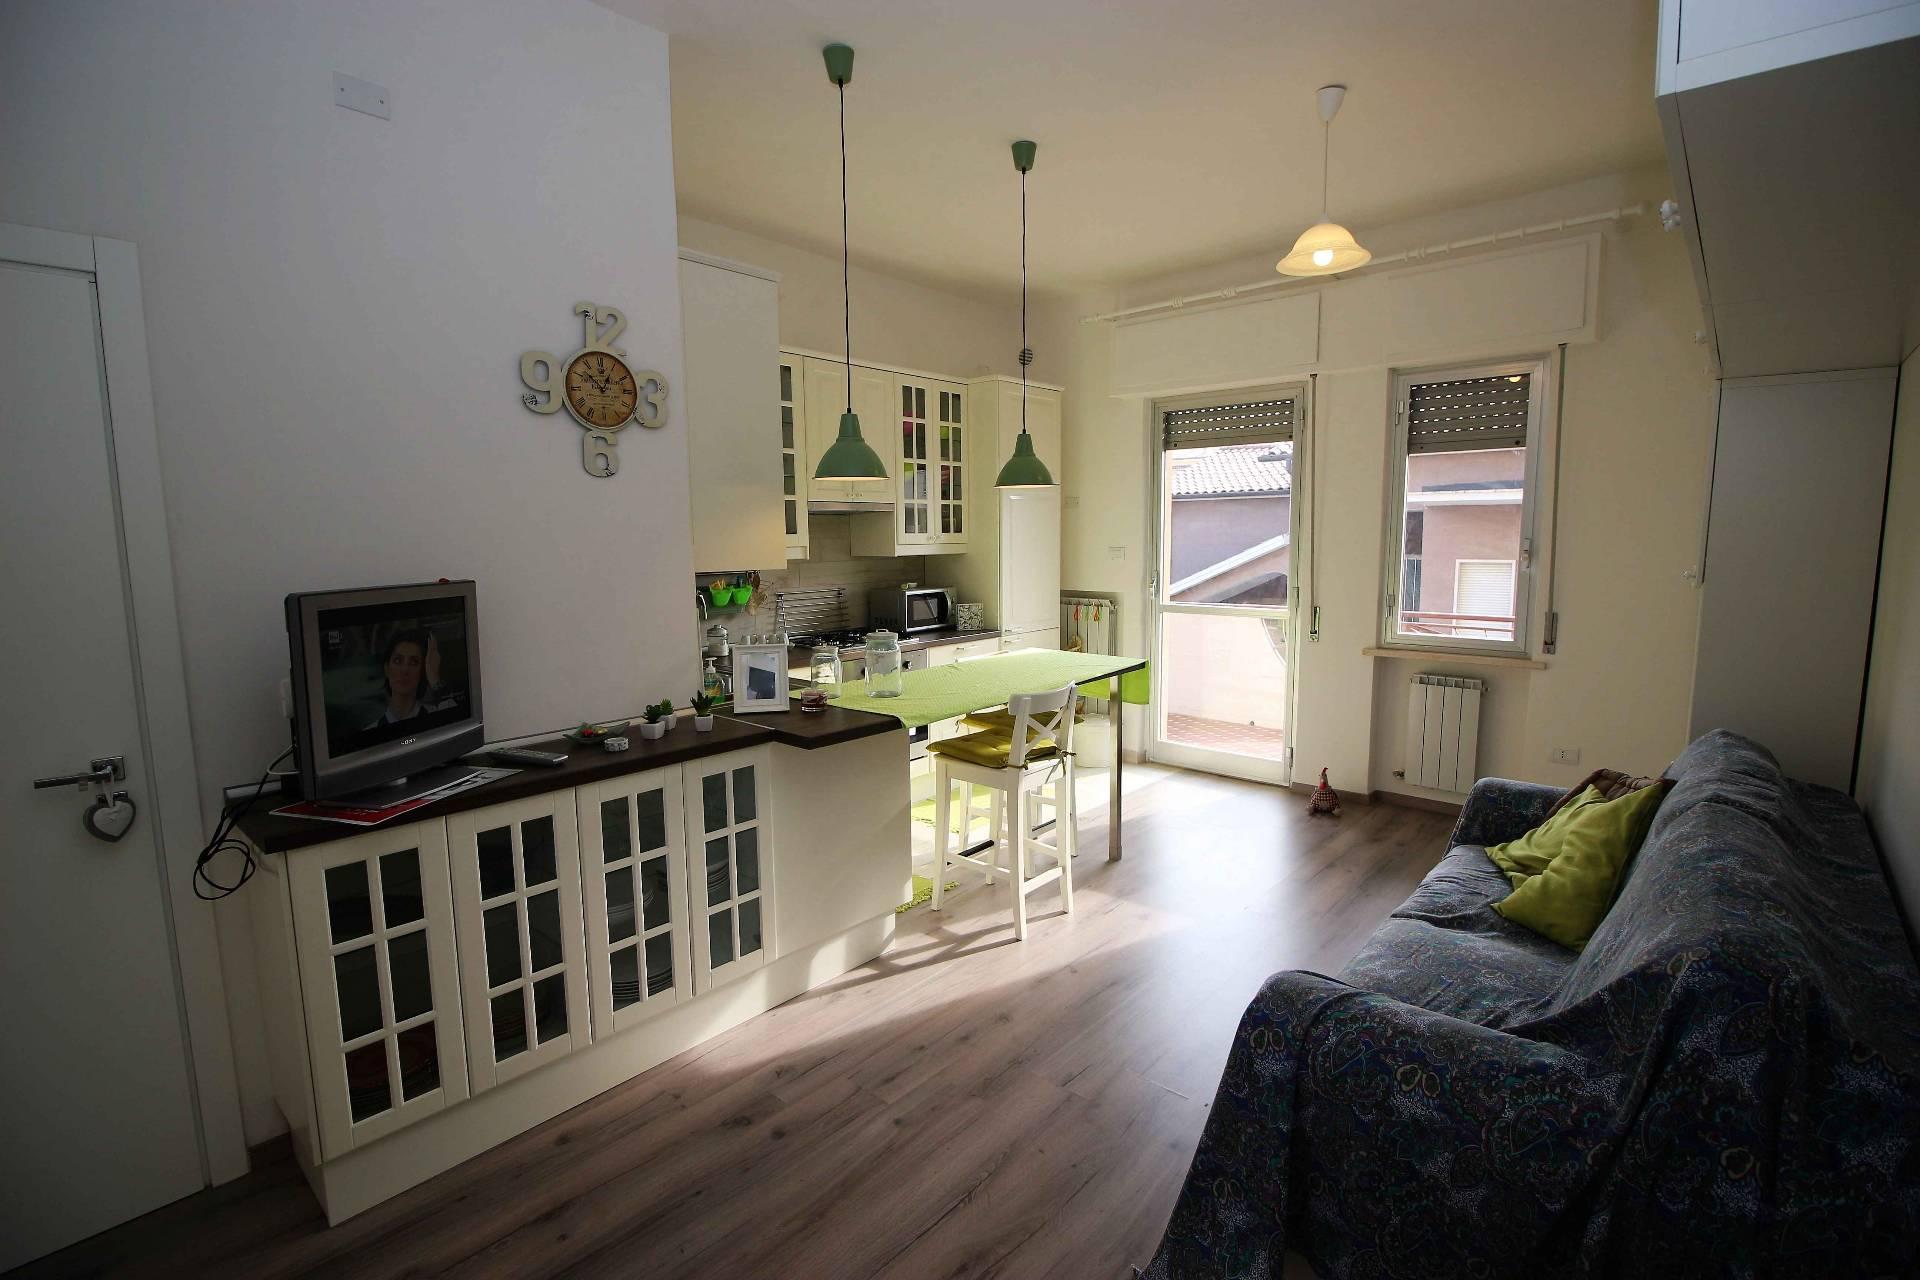 Appartamento in vendita a Tortoreto, 2 locali, zona Località: TortoretoLido, prezzo € 140.000 | CambioCasa.it